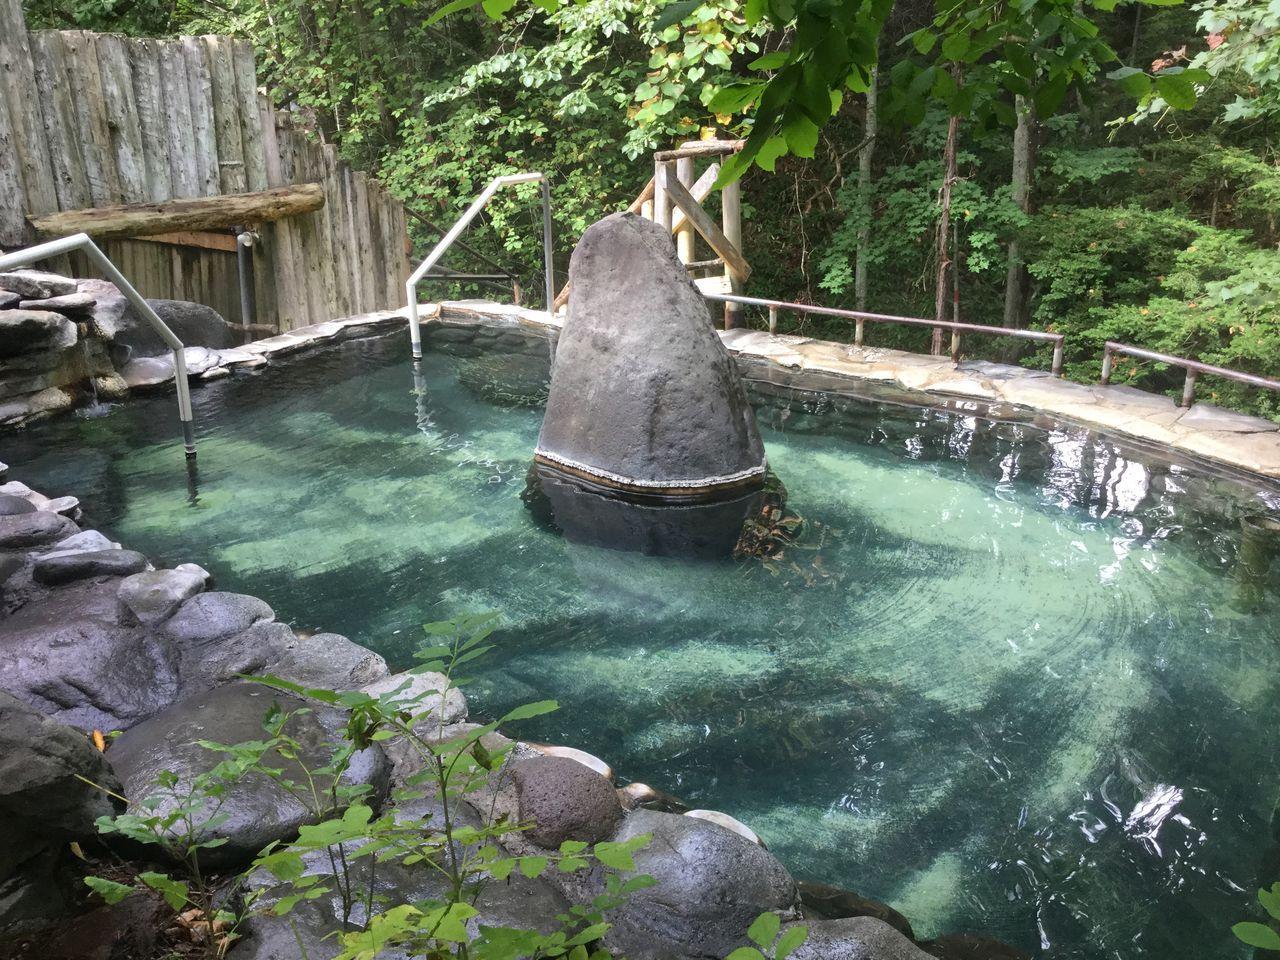 源泉の宿!森に囲まれた露天風呂は最高の癒やし